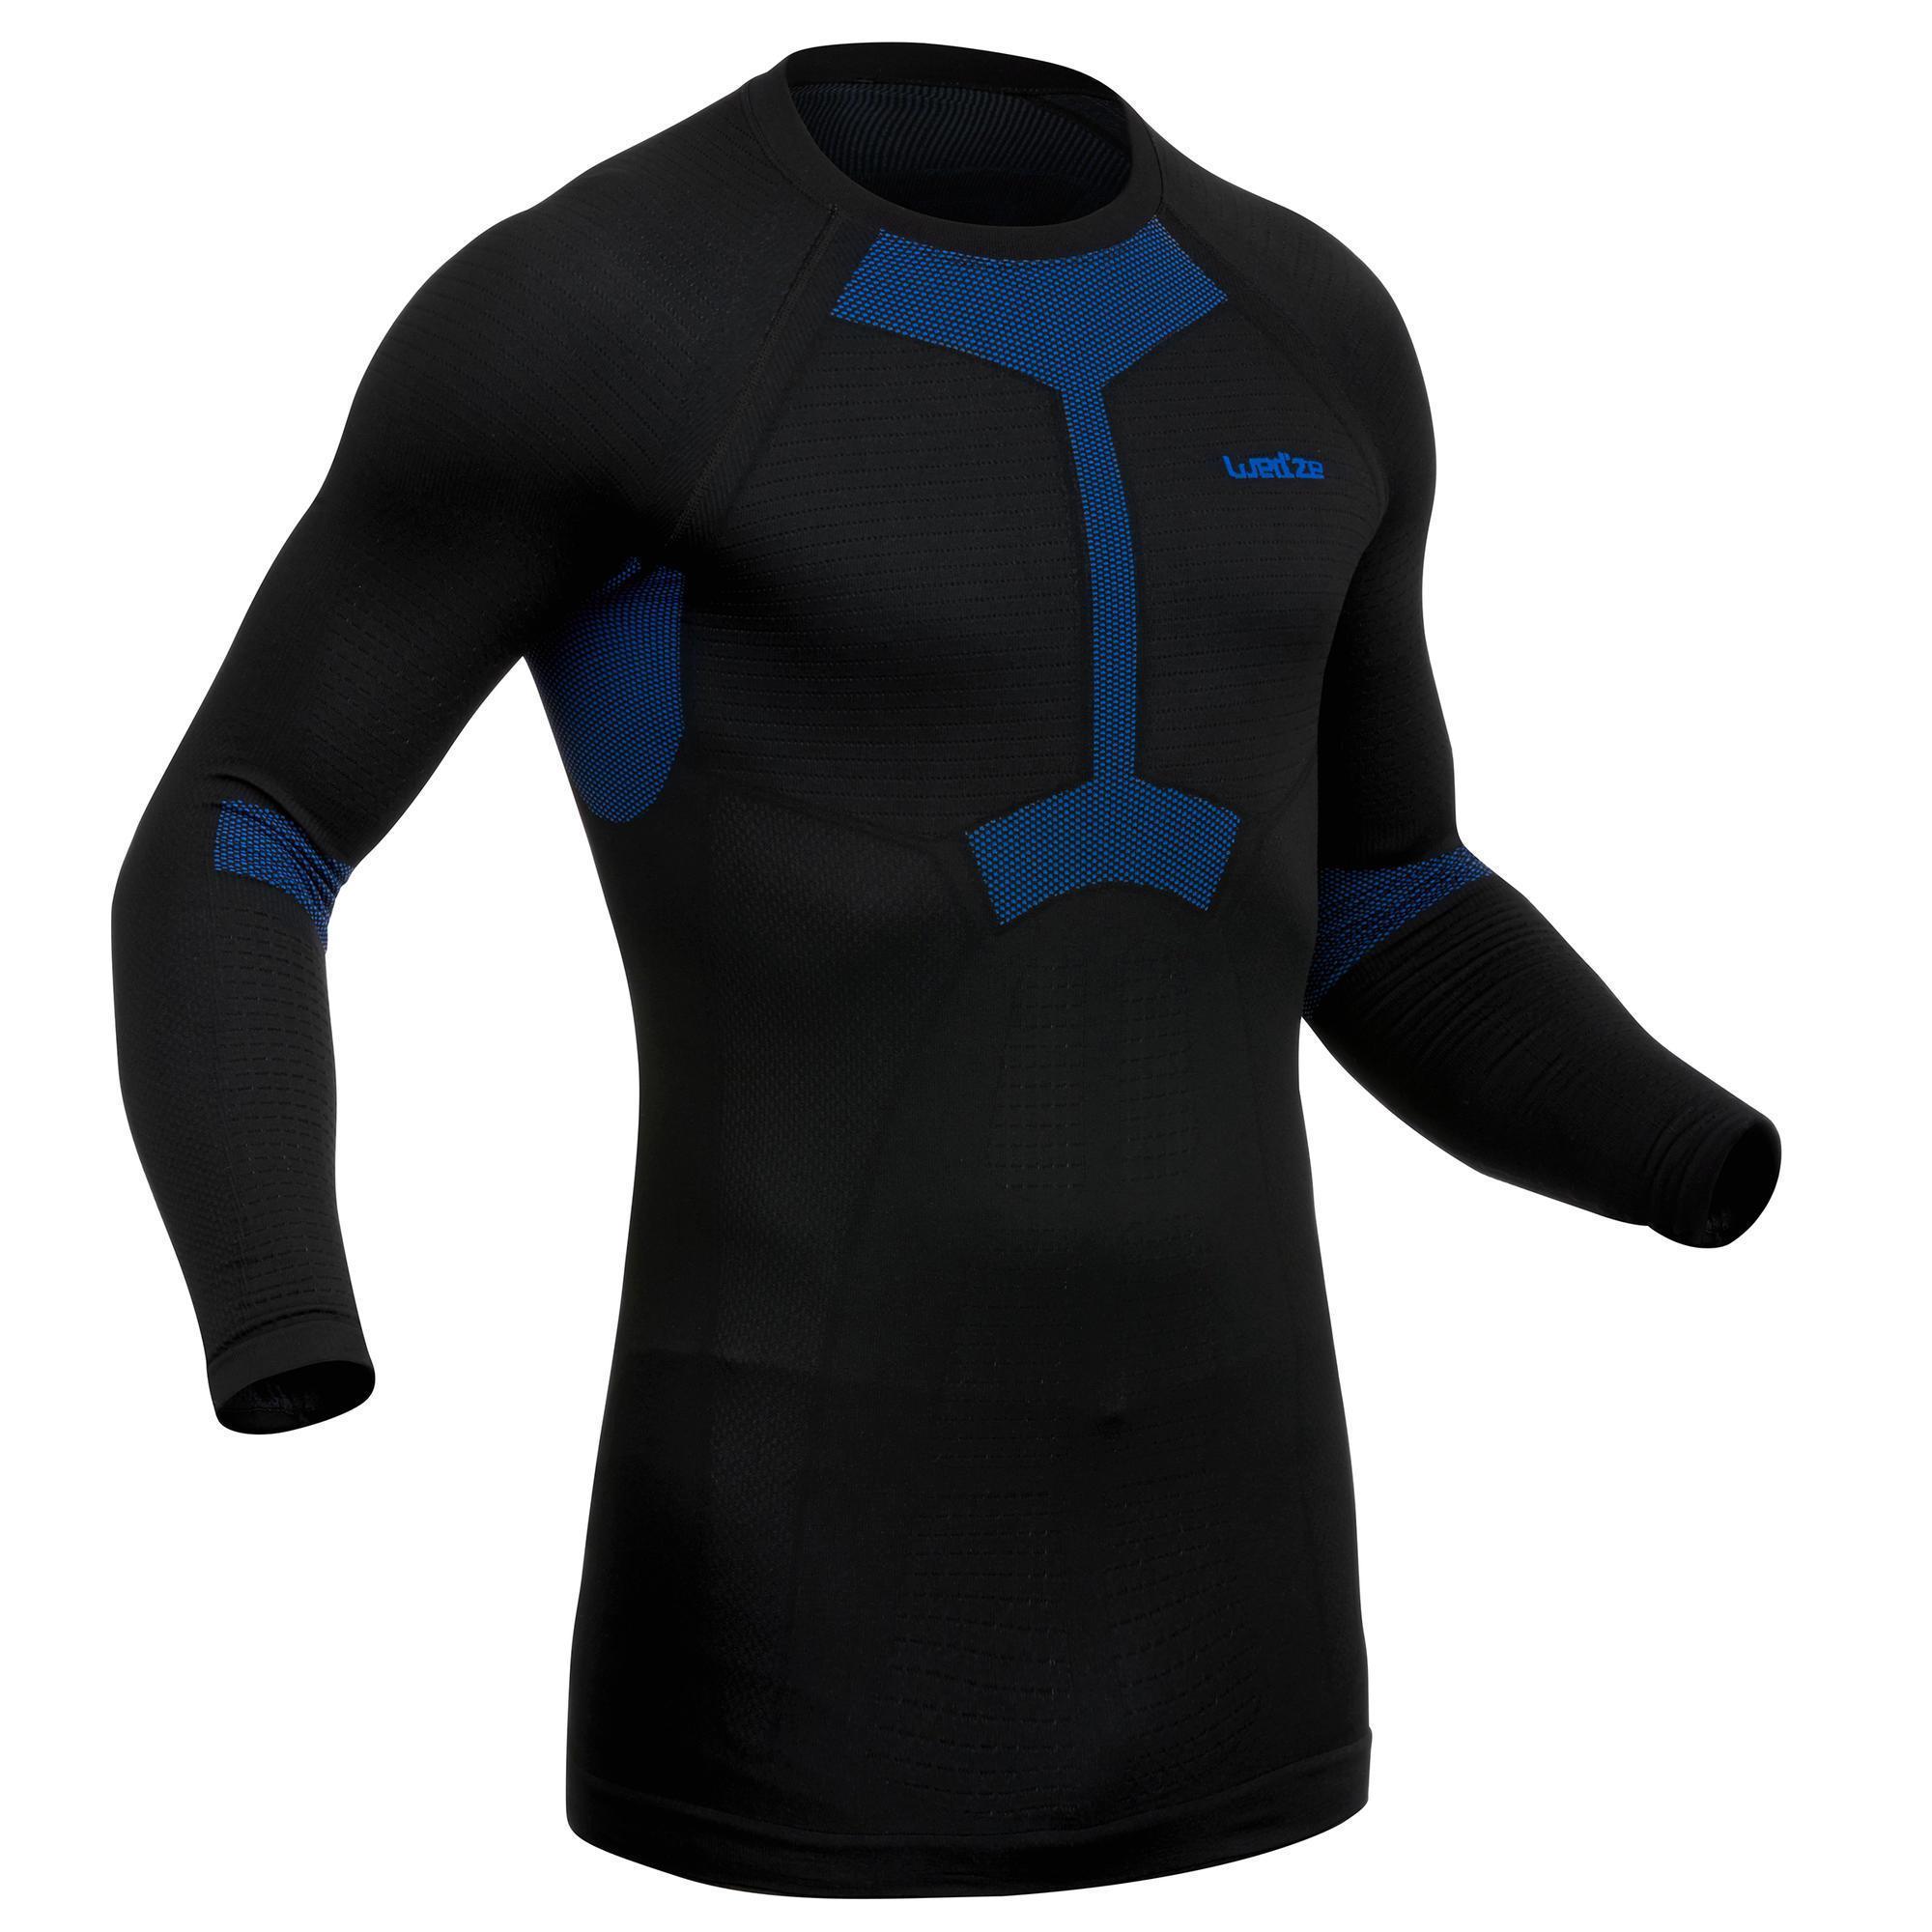 Skiunterwäsche Funktionsshirt 950 Herren schwarz/blau | Sportbekleidung > Funktionswäsche > Thermounterwäsche | Schwarz - Blau | Wed´ze